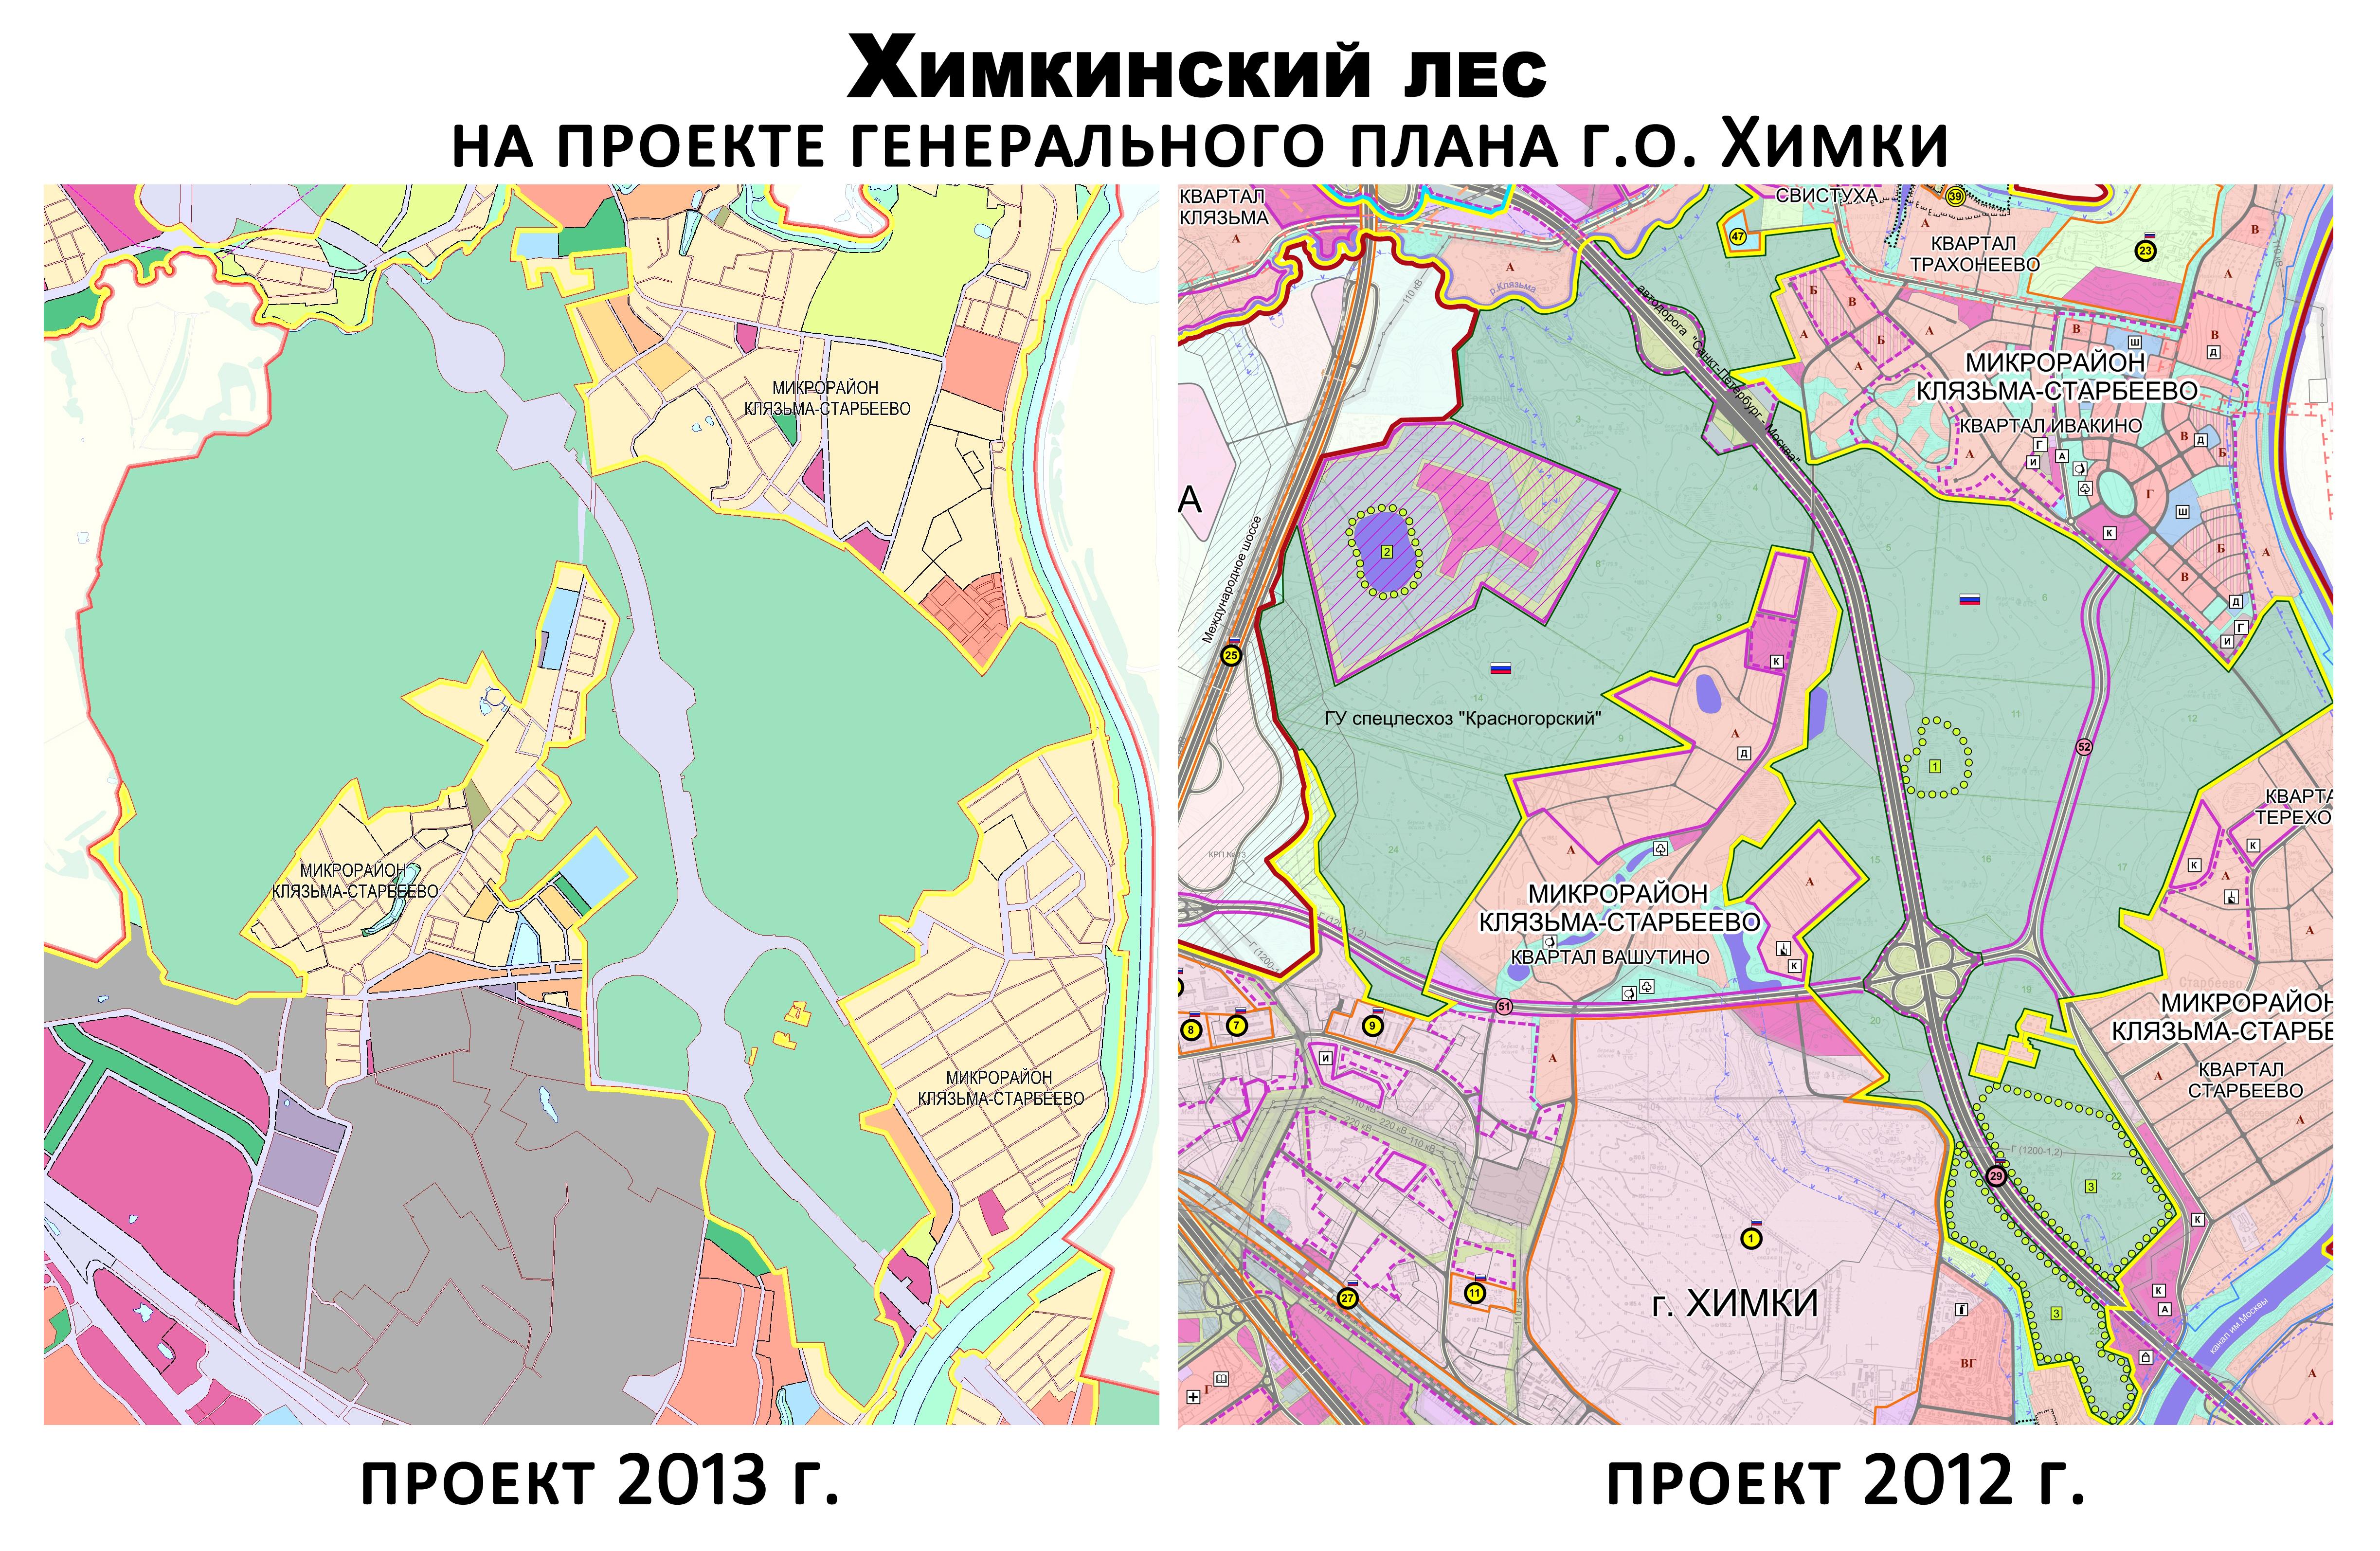 Химкинский лес - сравнение генпланов